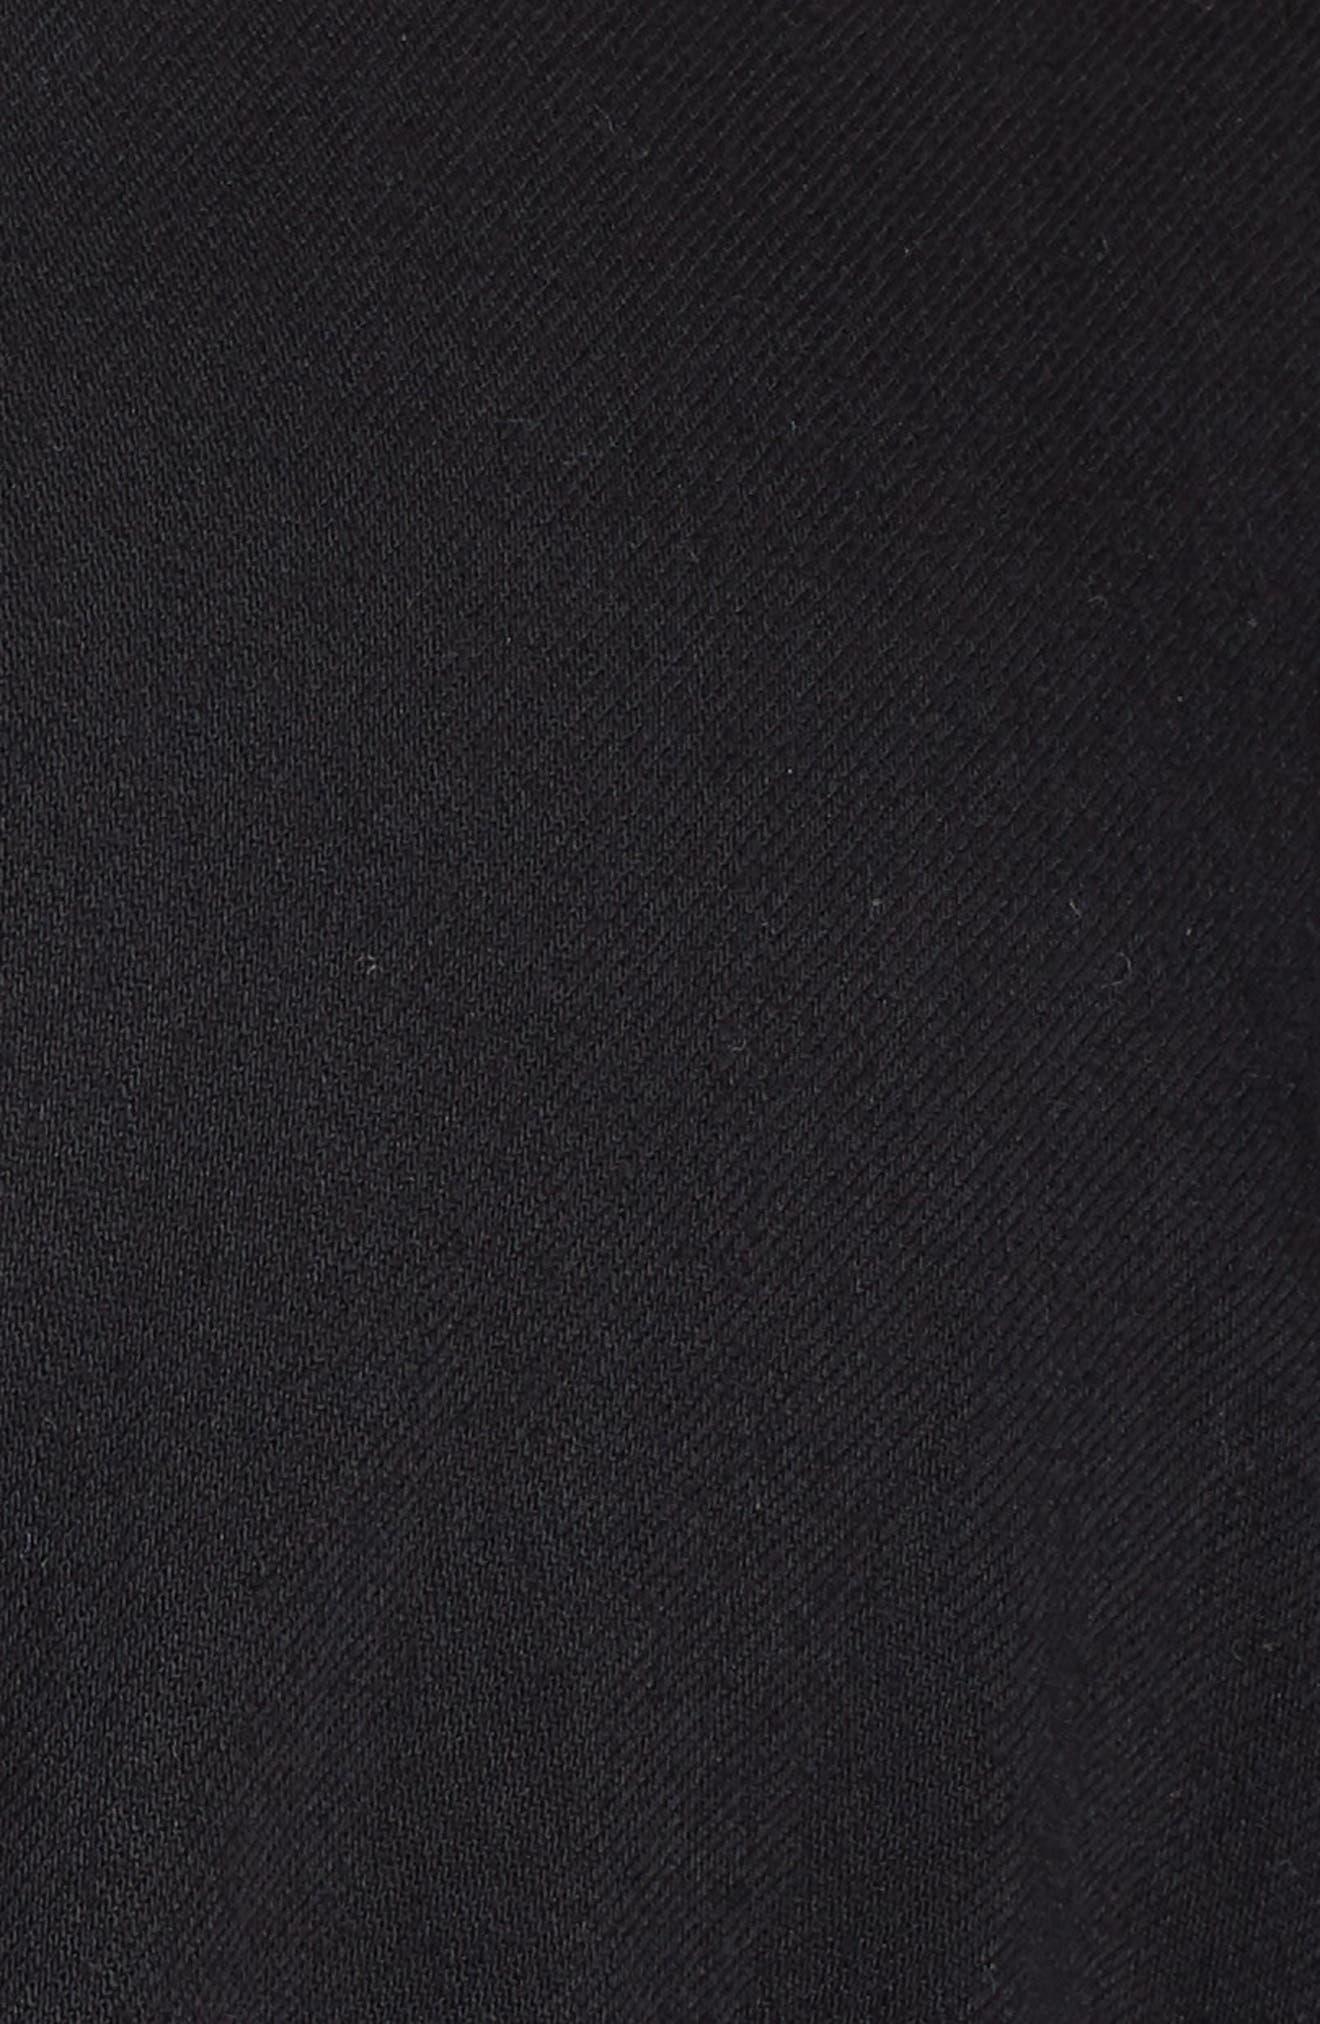 Shirttail Hem Organic Cotton Jacket,                             Alternate thumbnail 6, color,                             Black